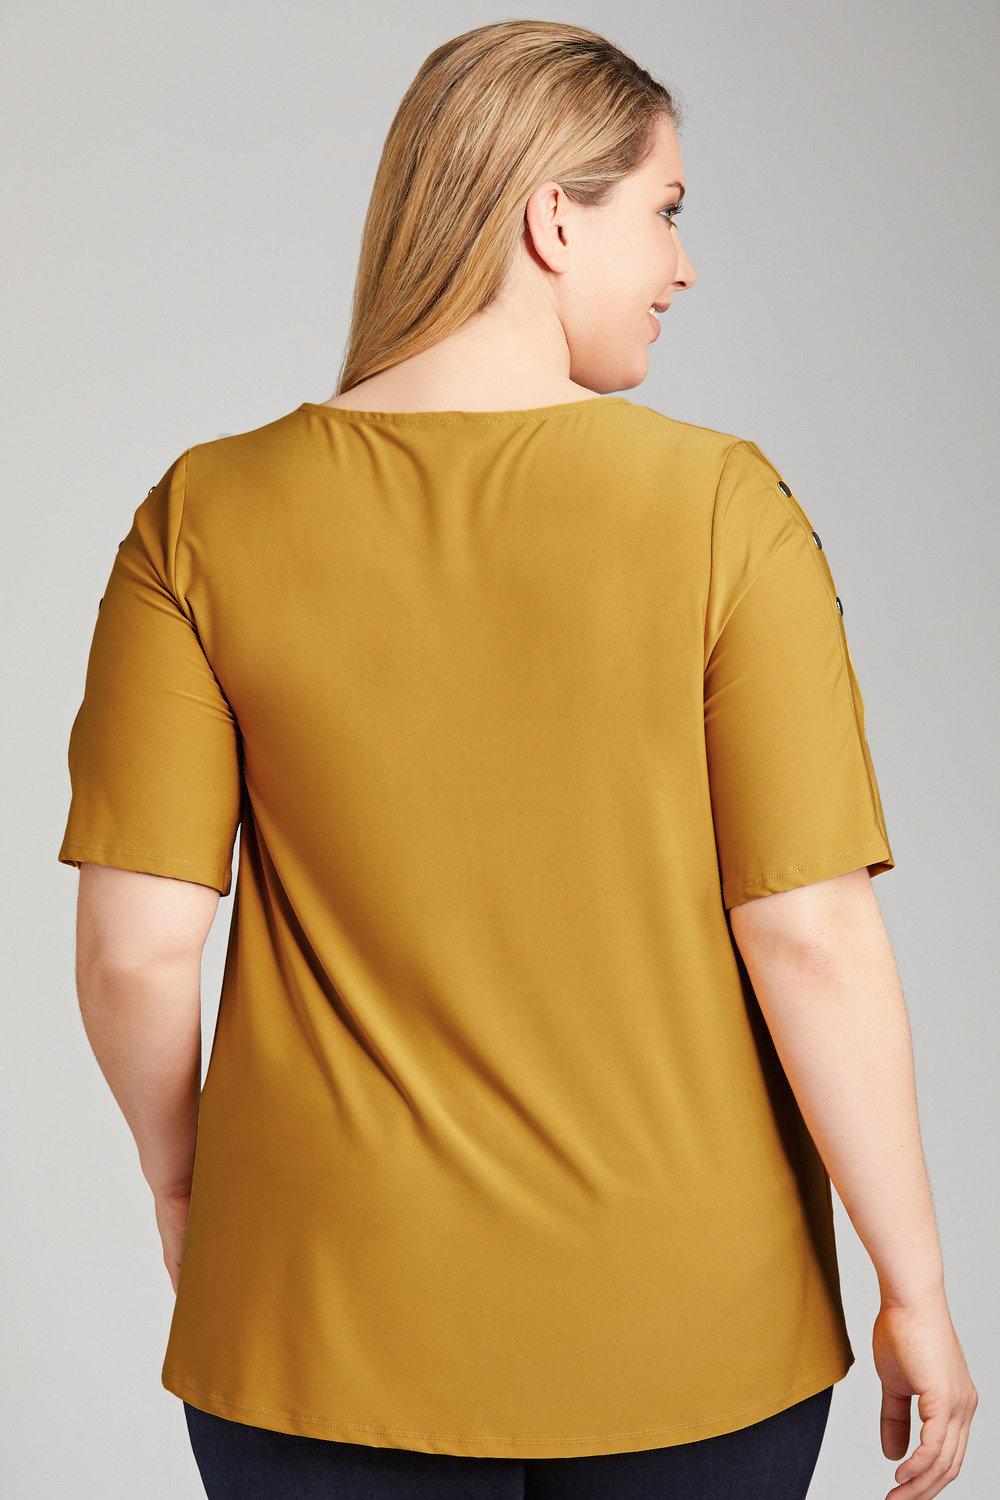 Colour Mustard Plus Size Shorts | Shop Women's Plus Size